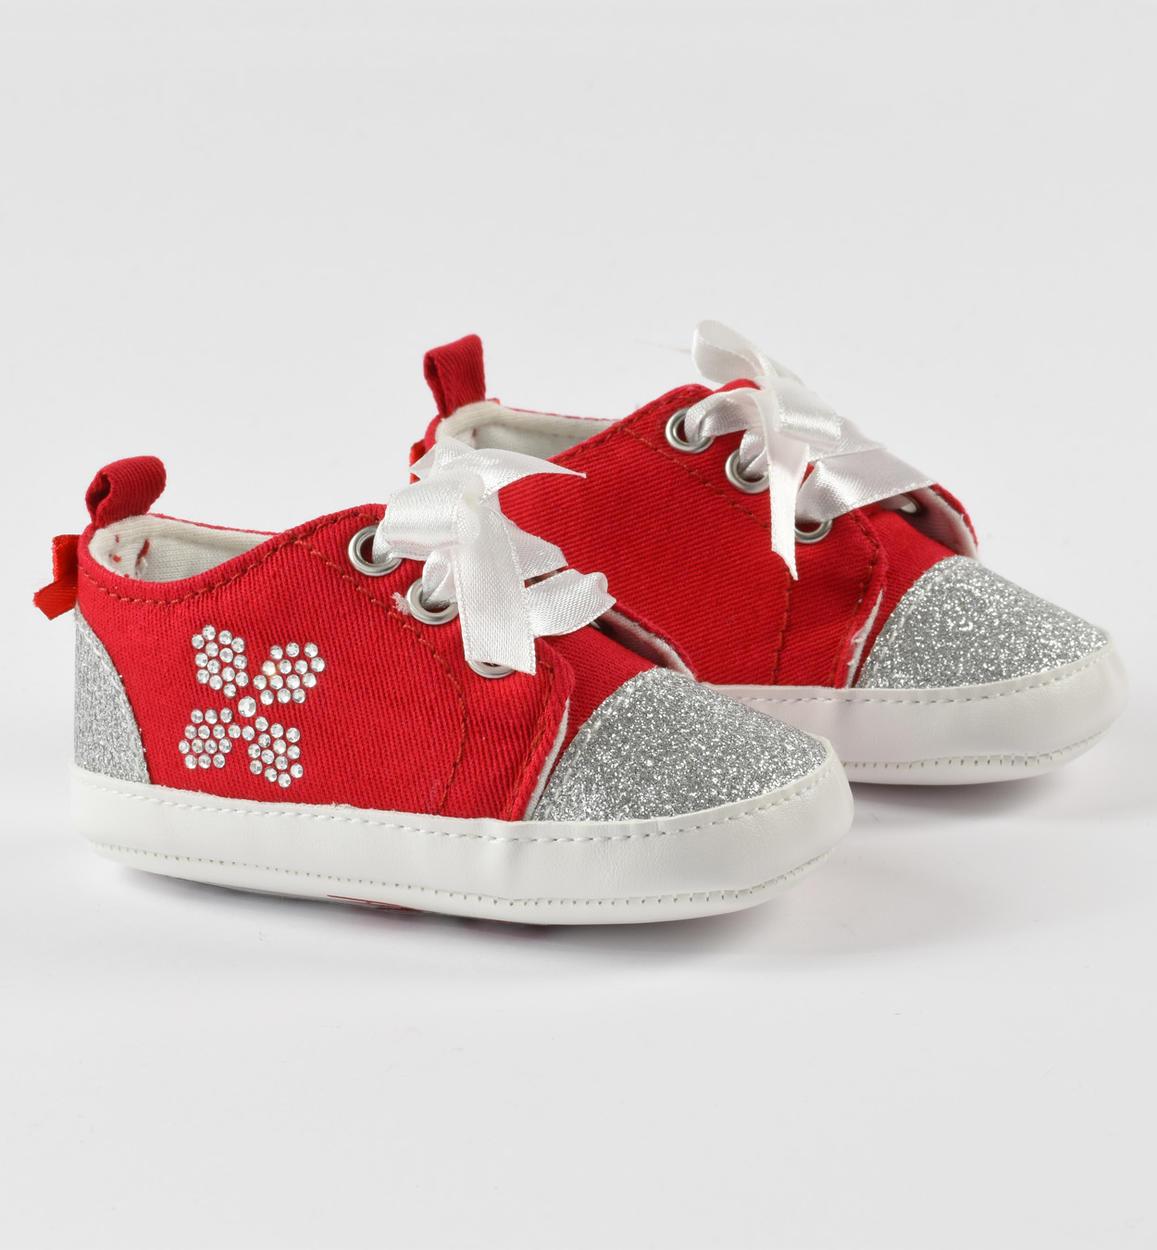 Piros köves csillogós kislány bébi cipő